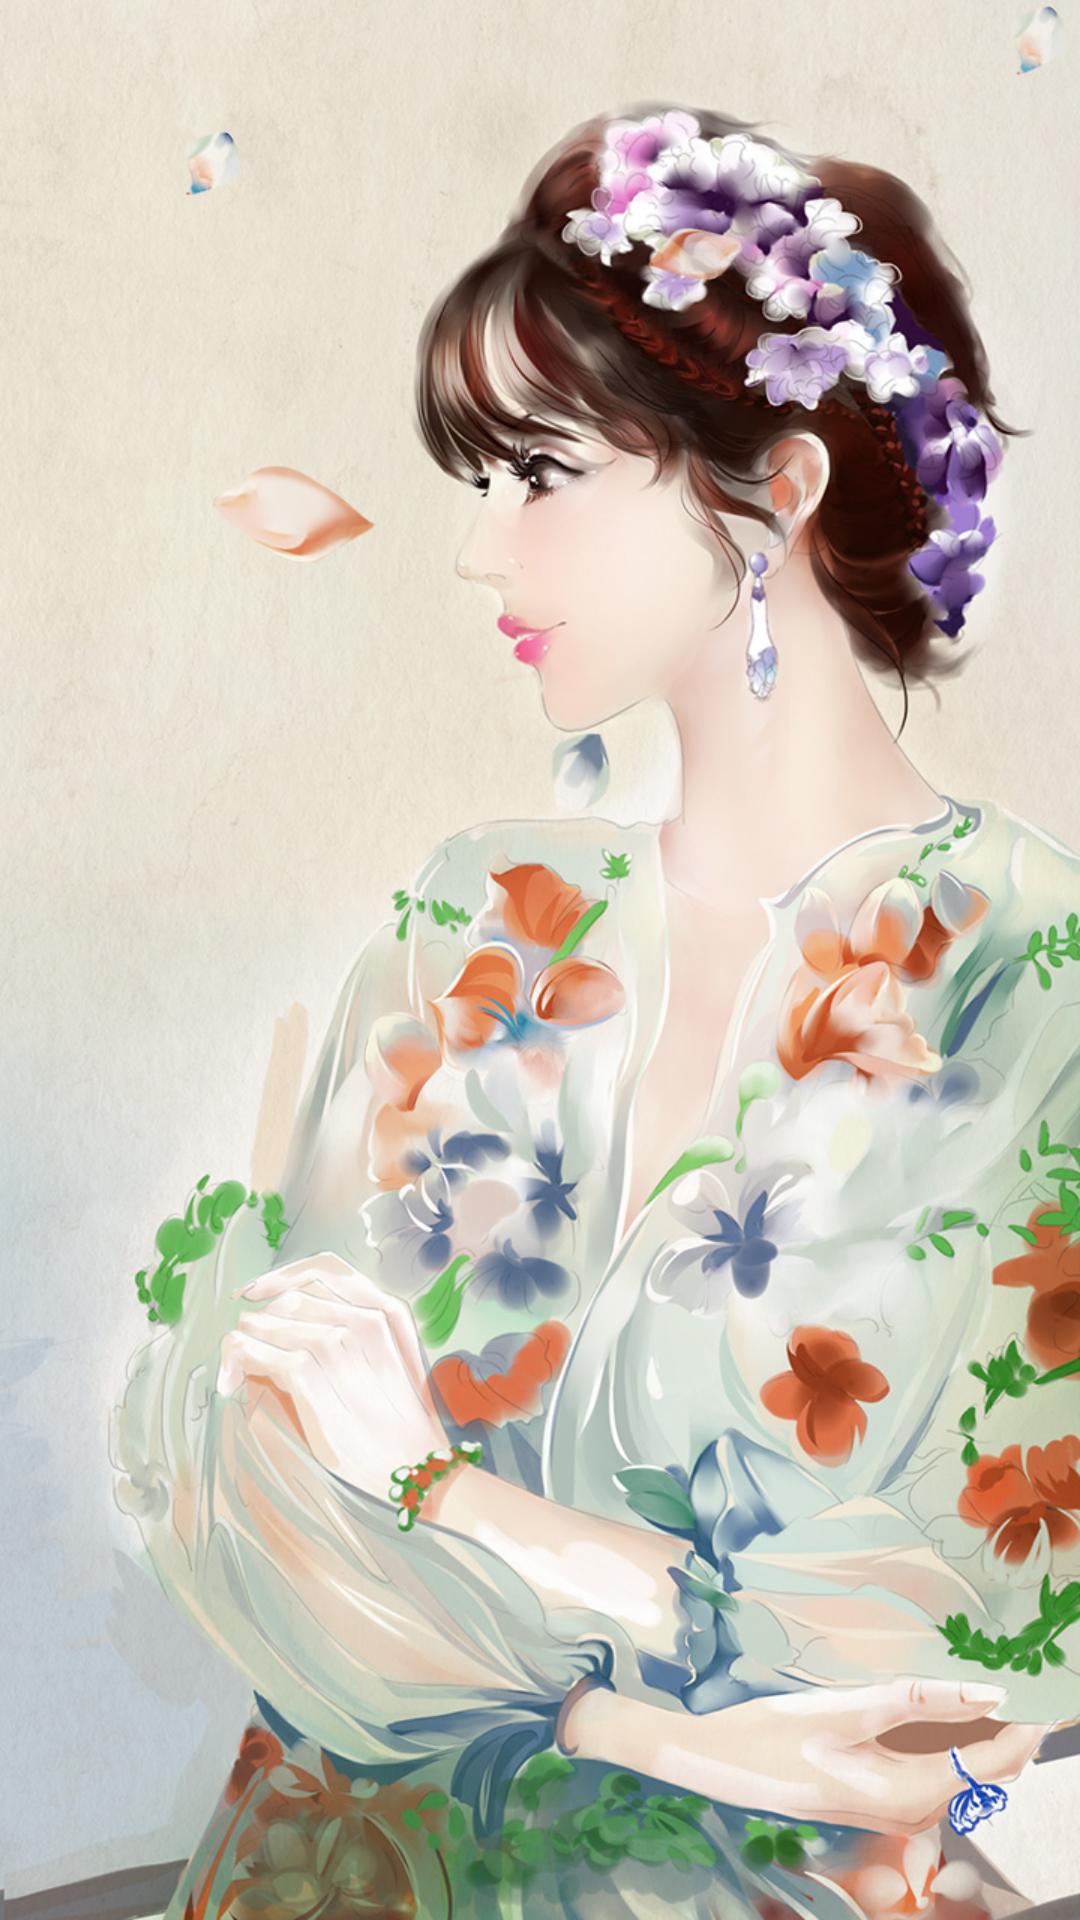 窈窕美人-梦象动态壁纸